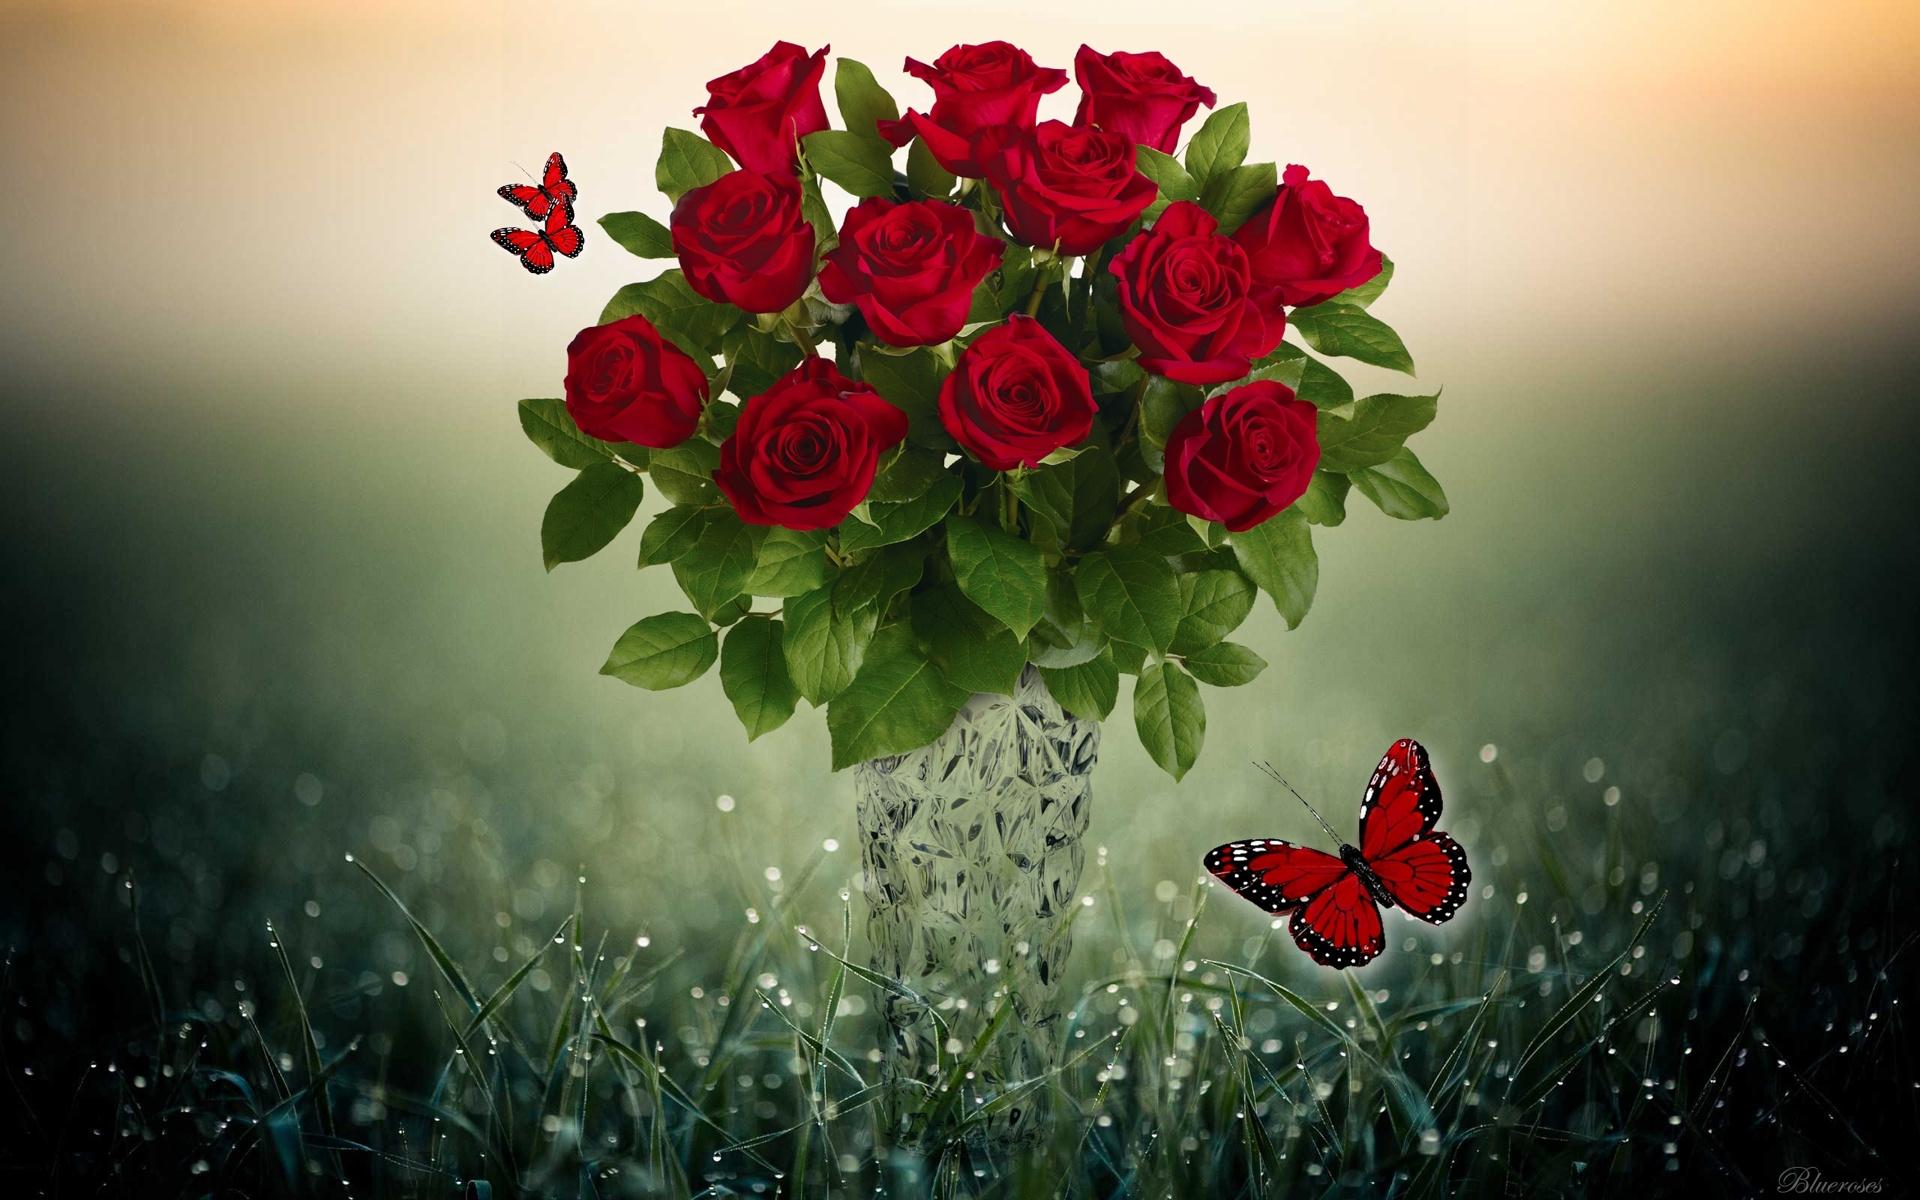 Hình ảnh bó hoa hồng đỏ lãng mạn